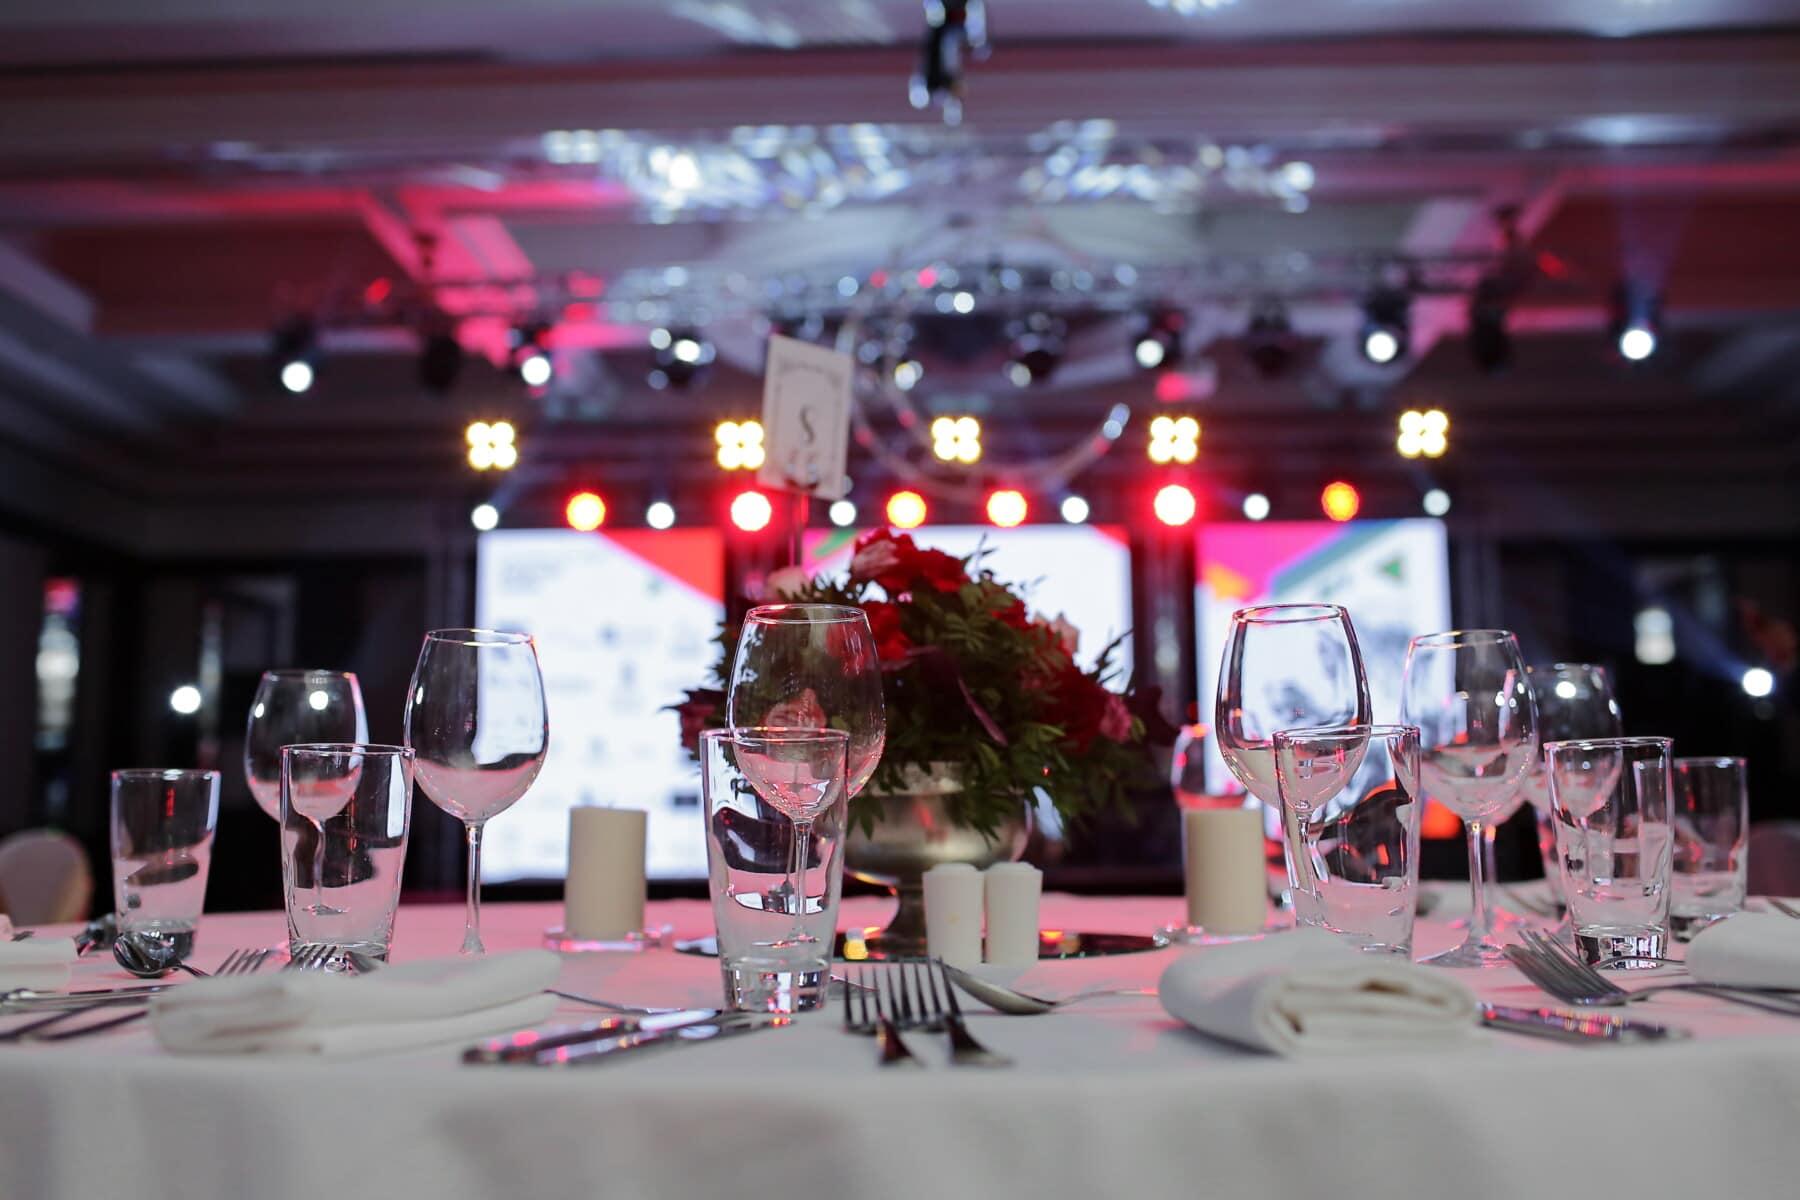 Hotel, Esstisch, Glaswaren, Tabelle, Tischdecke, Besteck, Nachtleben, elegant, Restaurant, Speise-